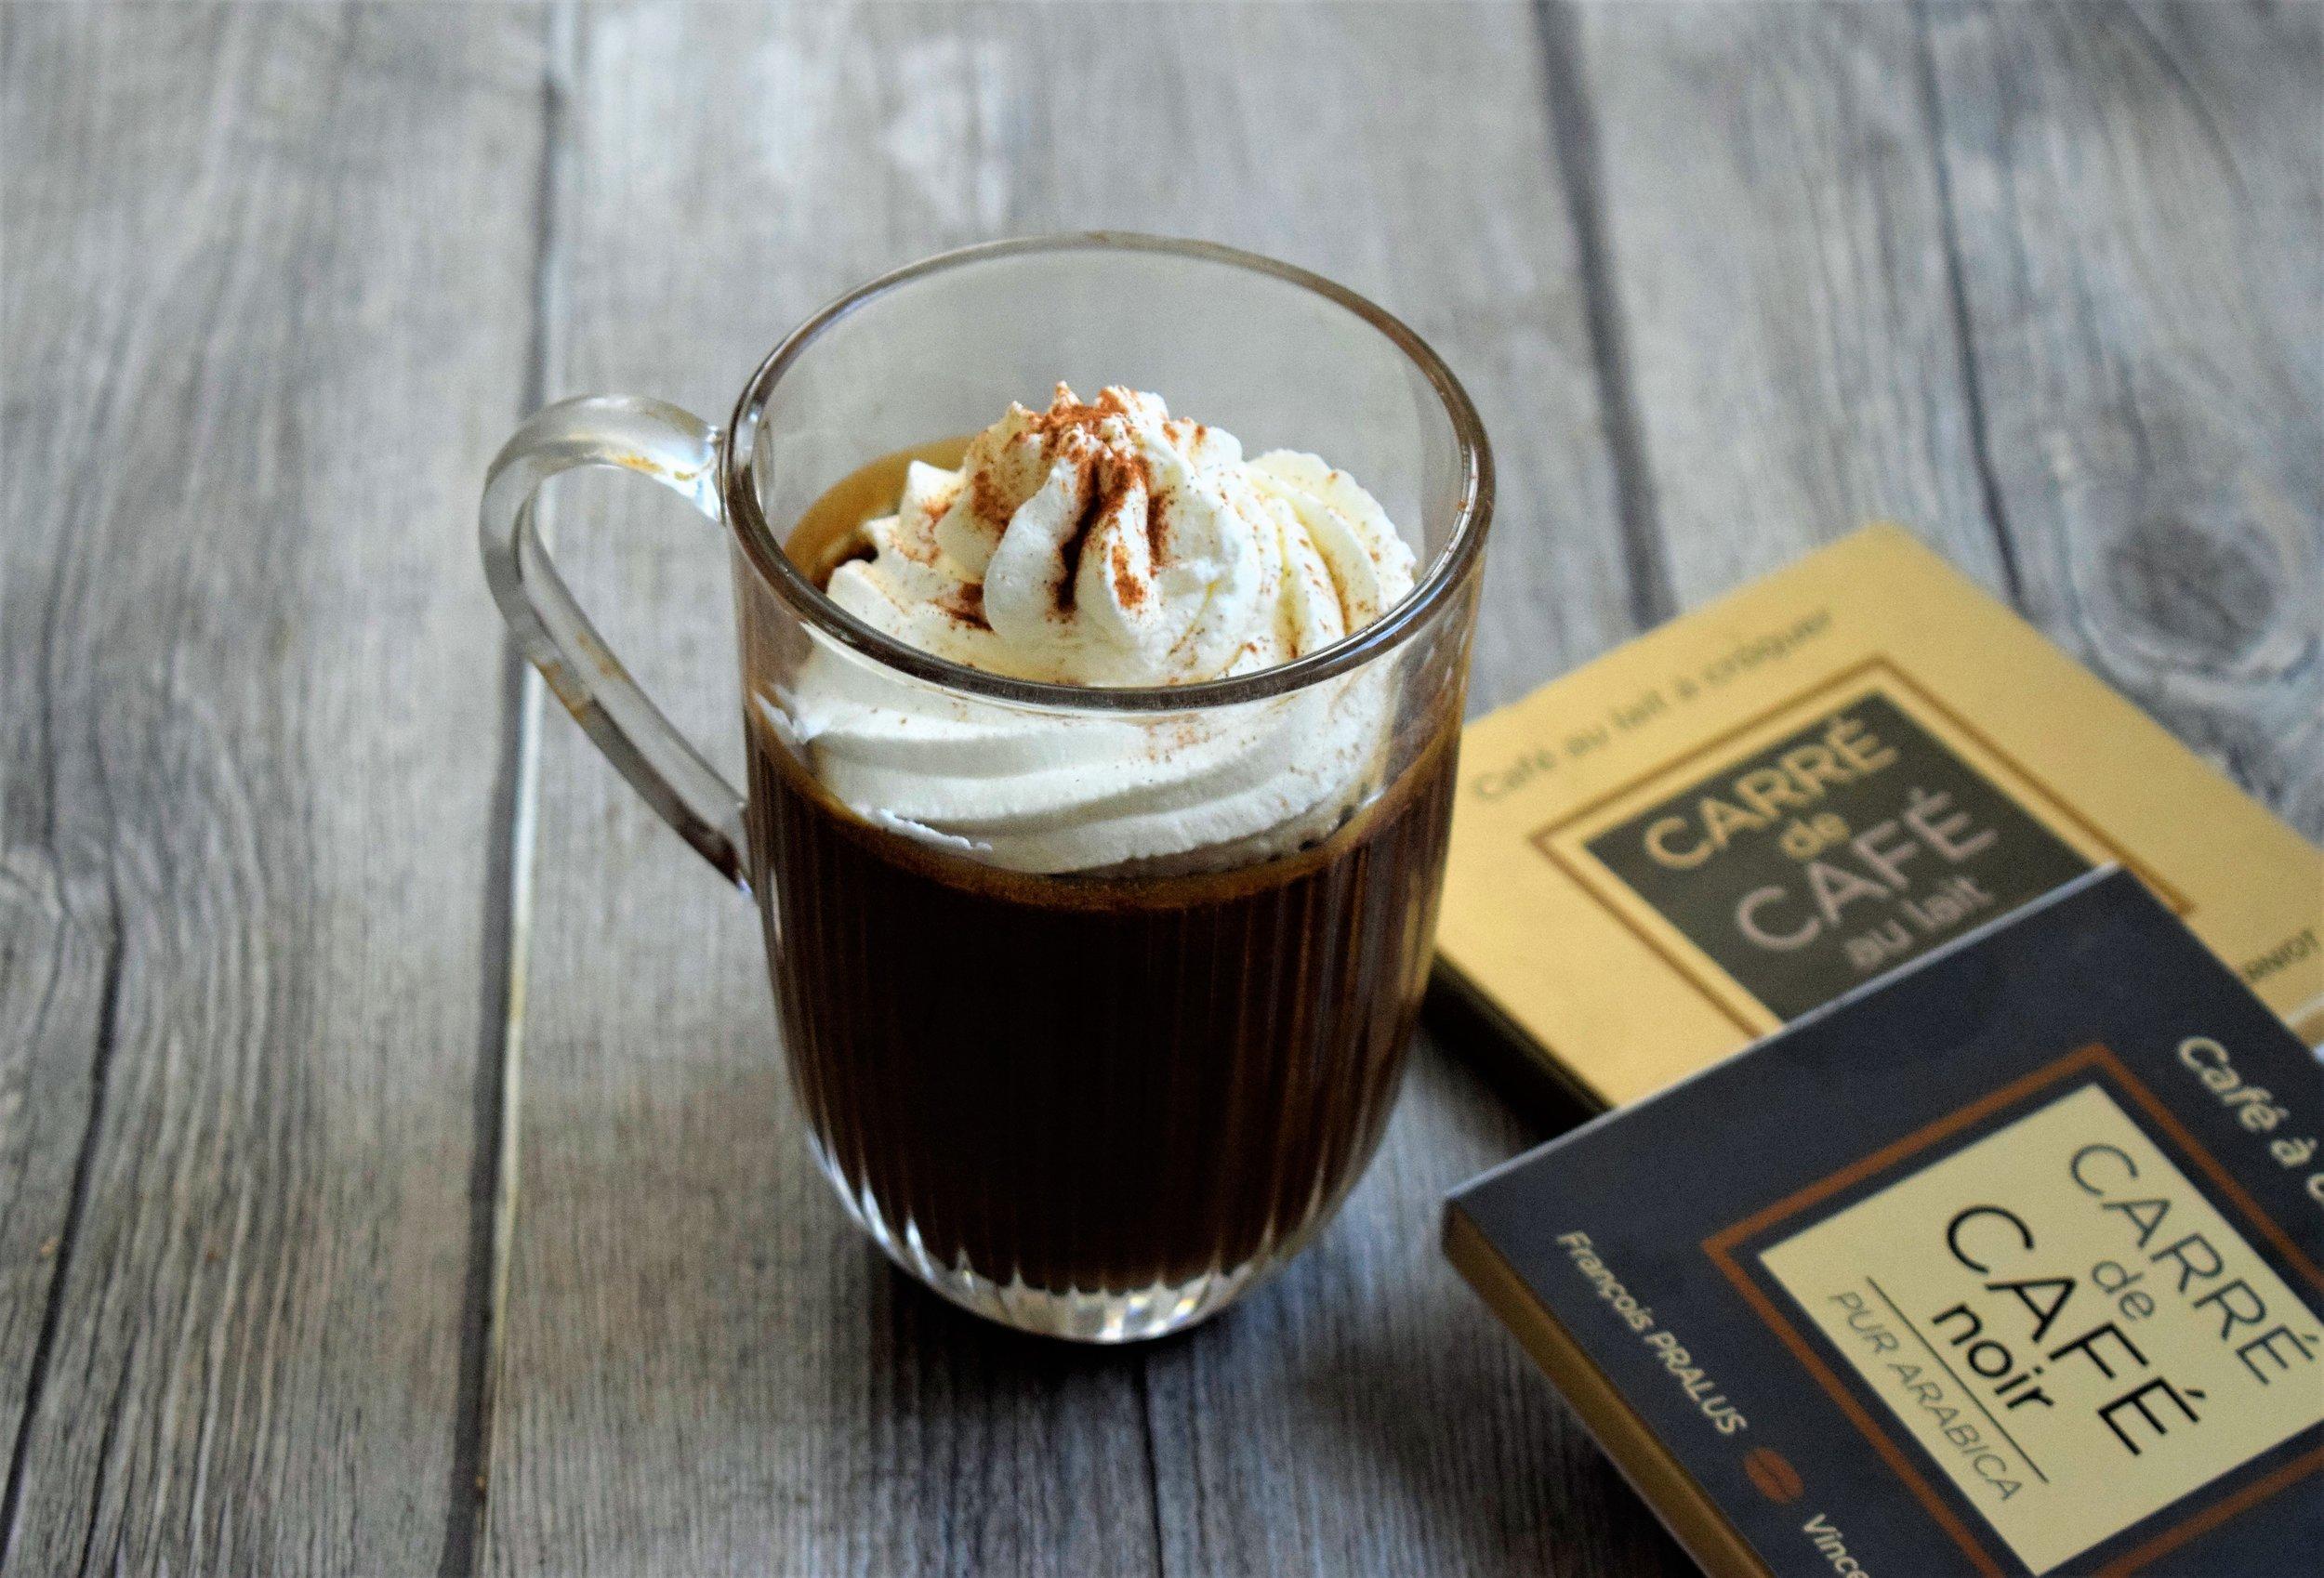 mousse cappuccino LCI Cyril Rouquet-Prévost